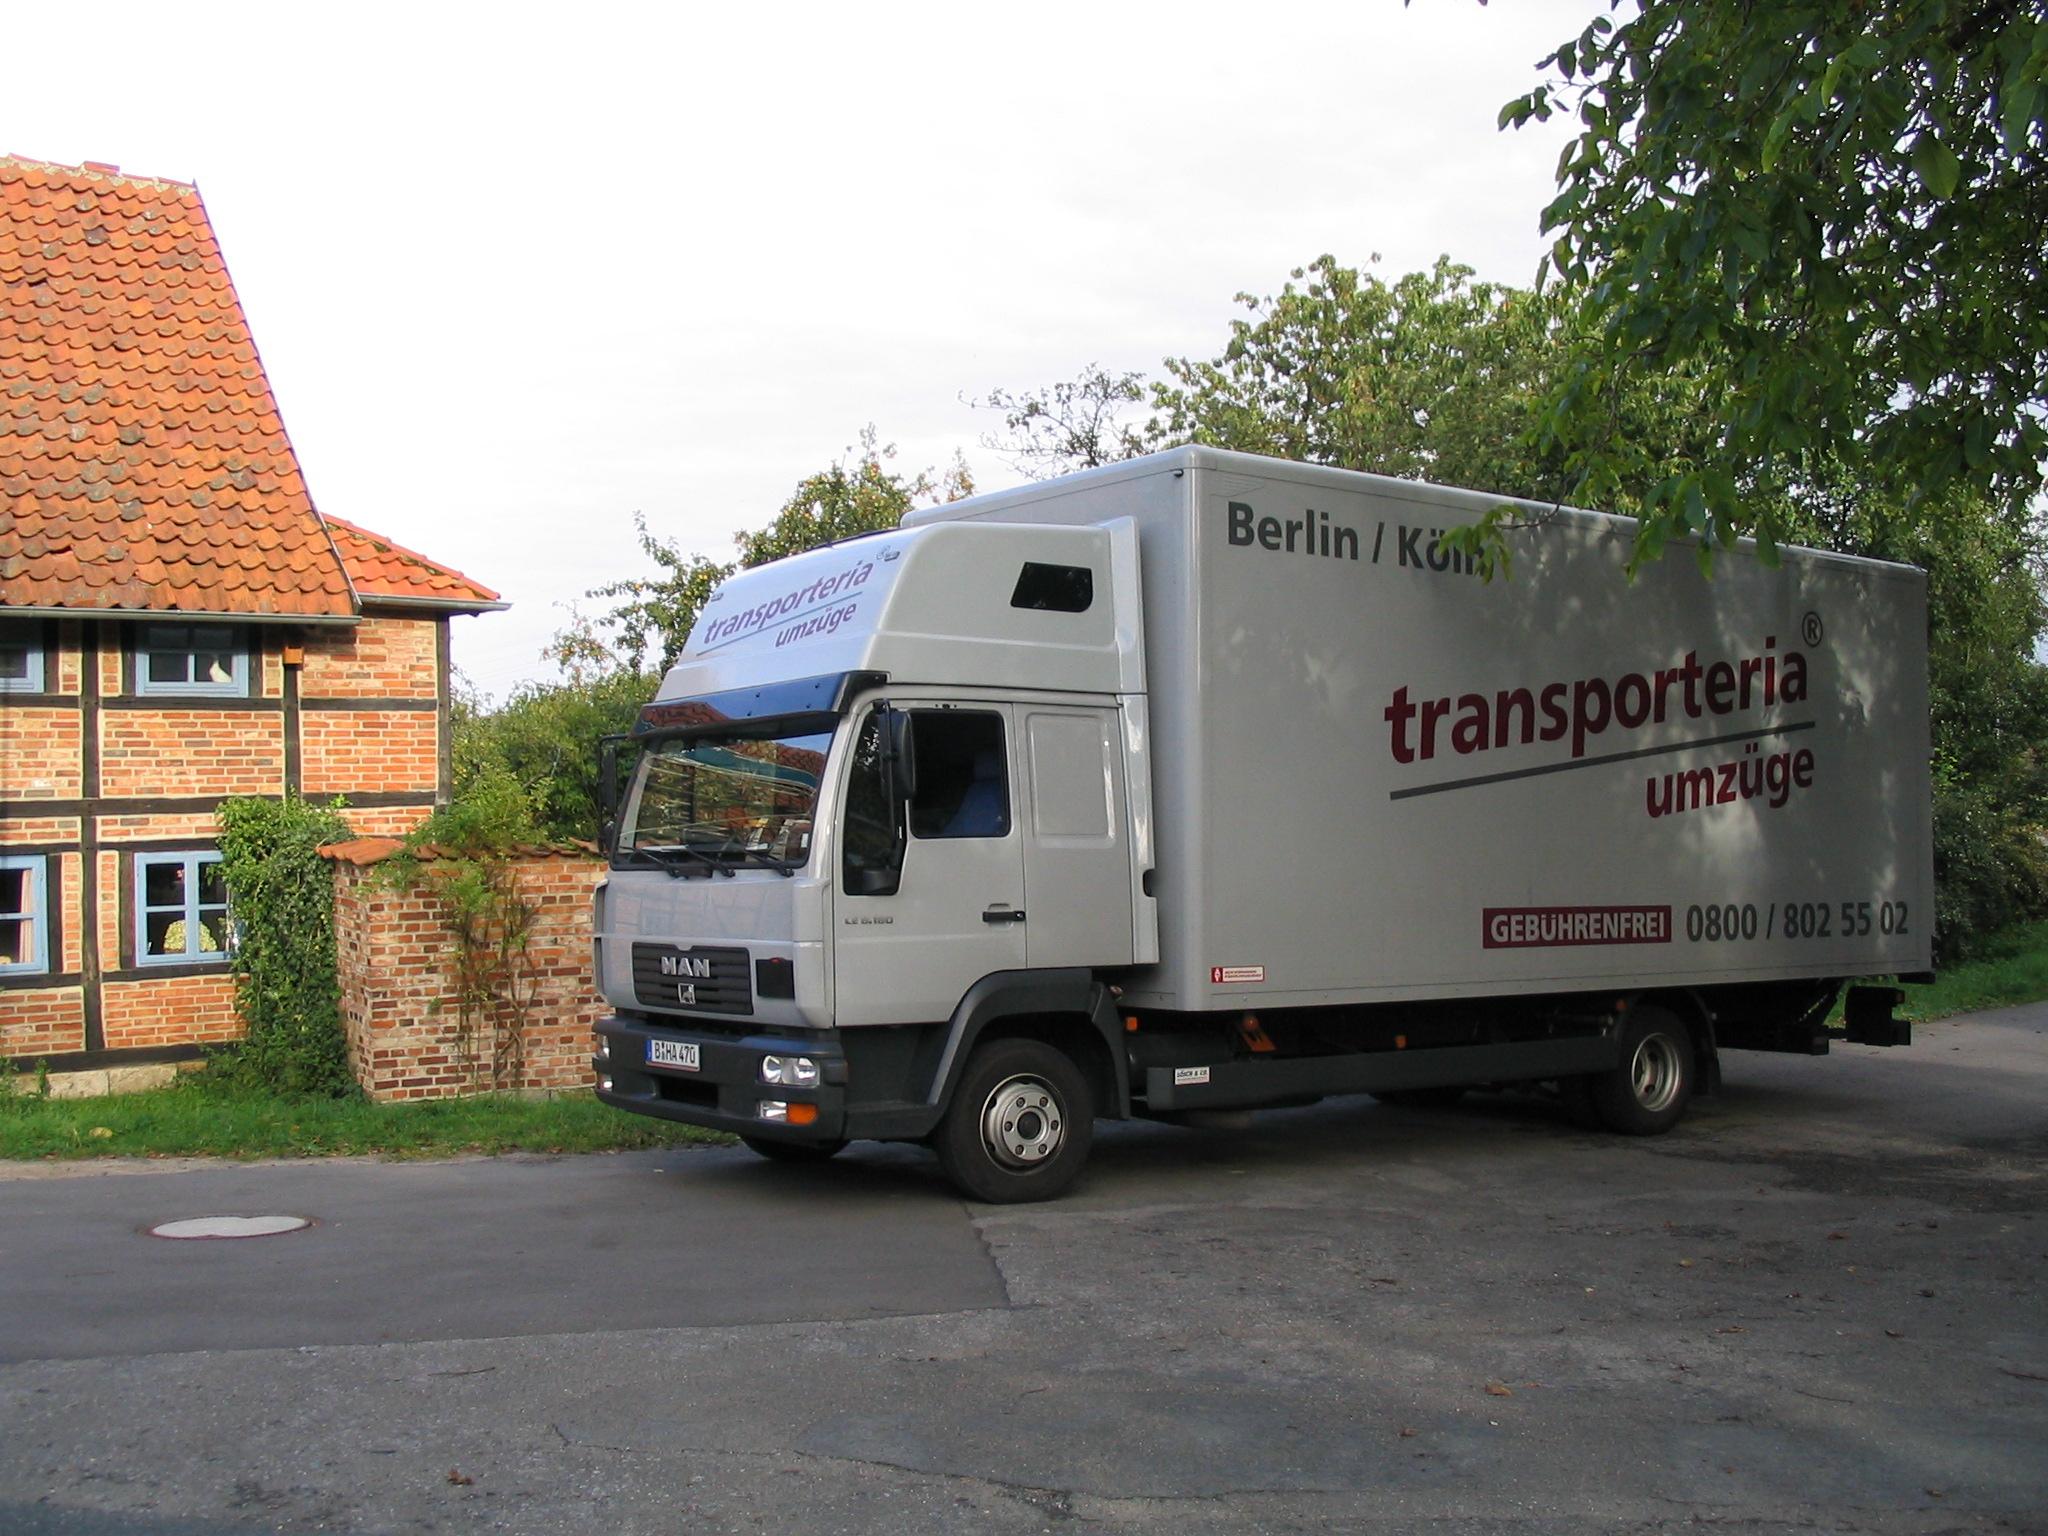 Transporteria Umzugswagen Lastwagen LKW vor Fachwerkhaus